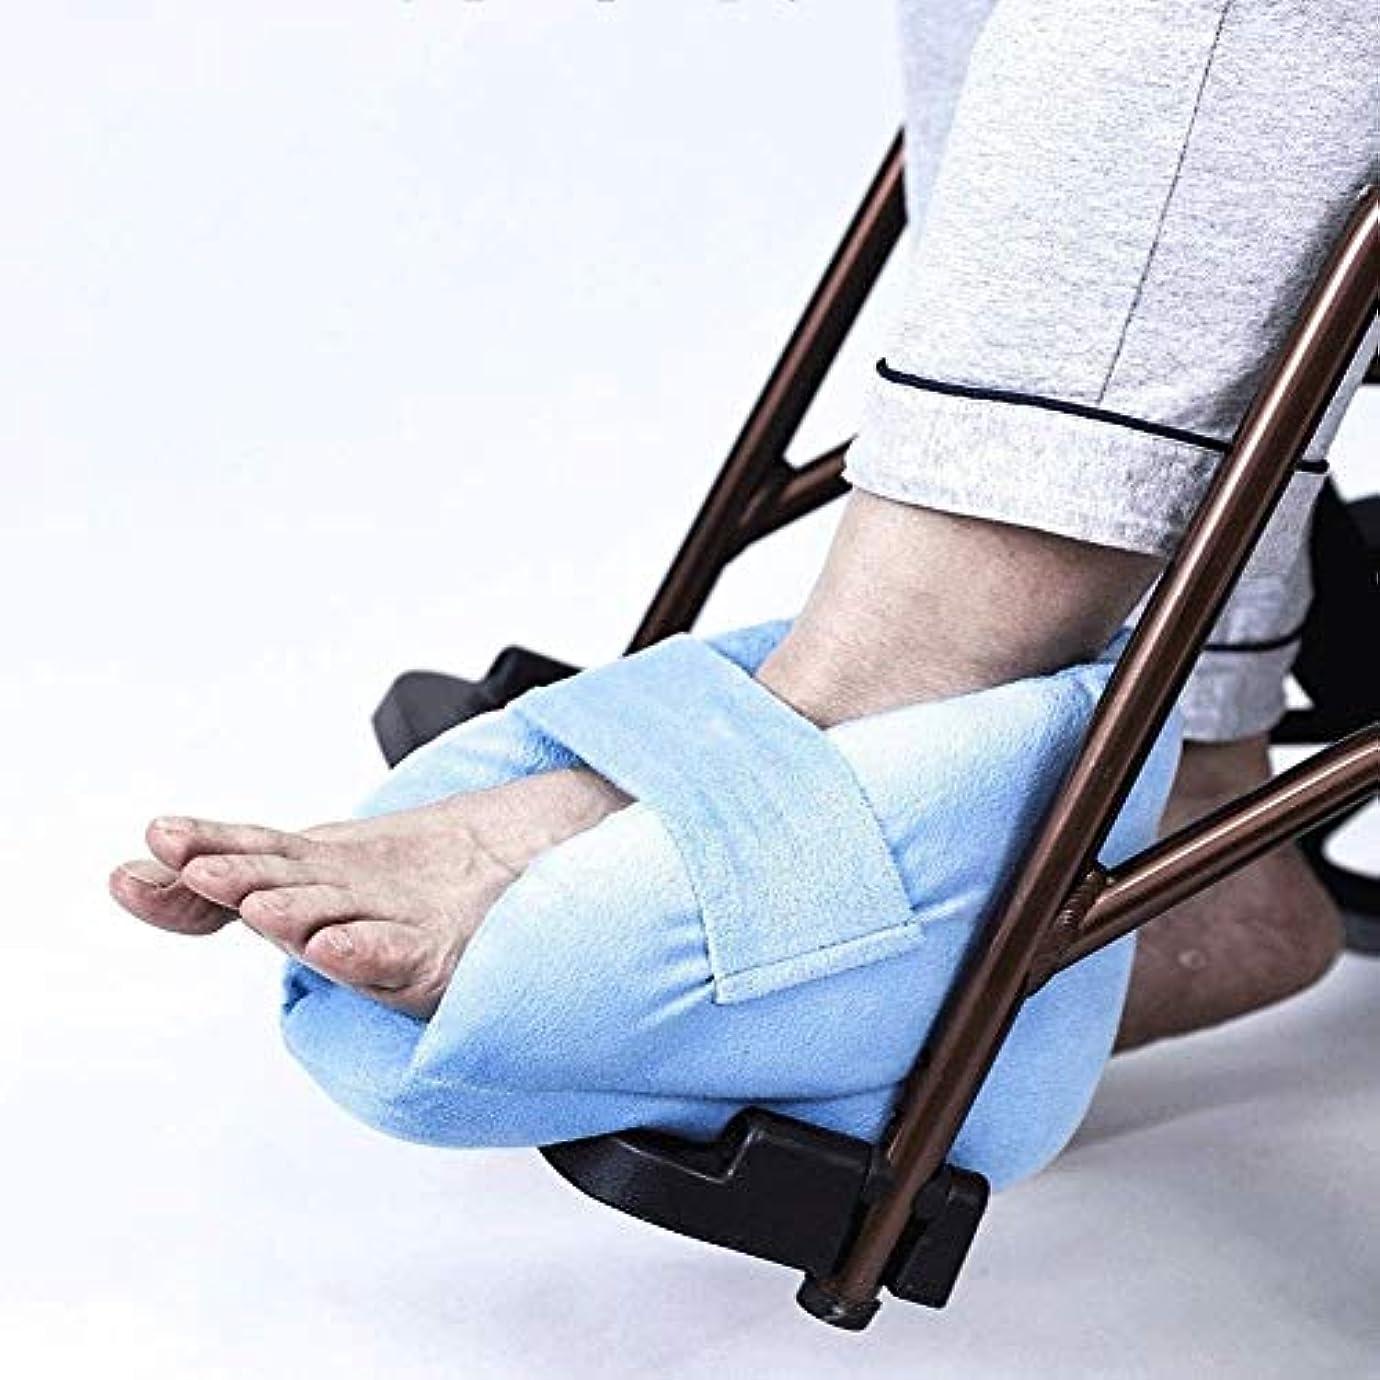 説明するロビー特にかかとプロテクター枕、足補正カバー圧痛とかかと潰瘍の救済 高弾性スポンジ充填、ライトブルー-1ペア